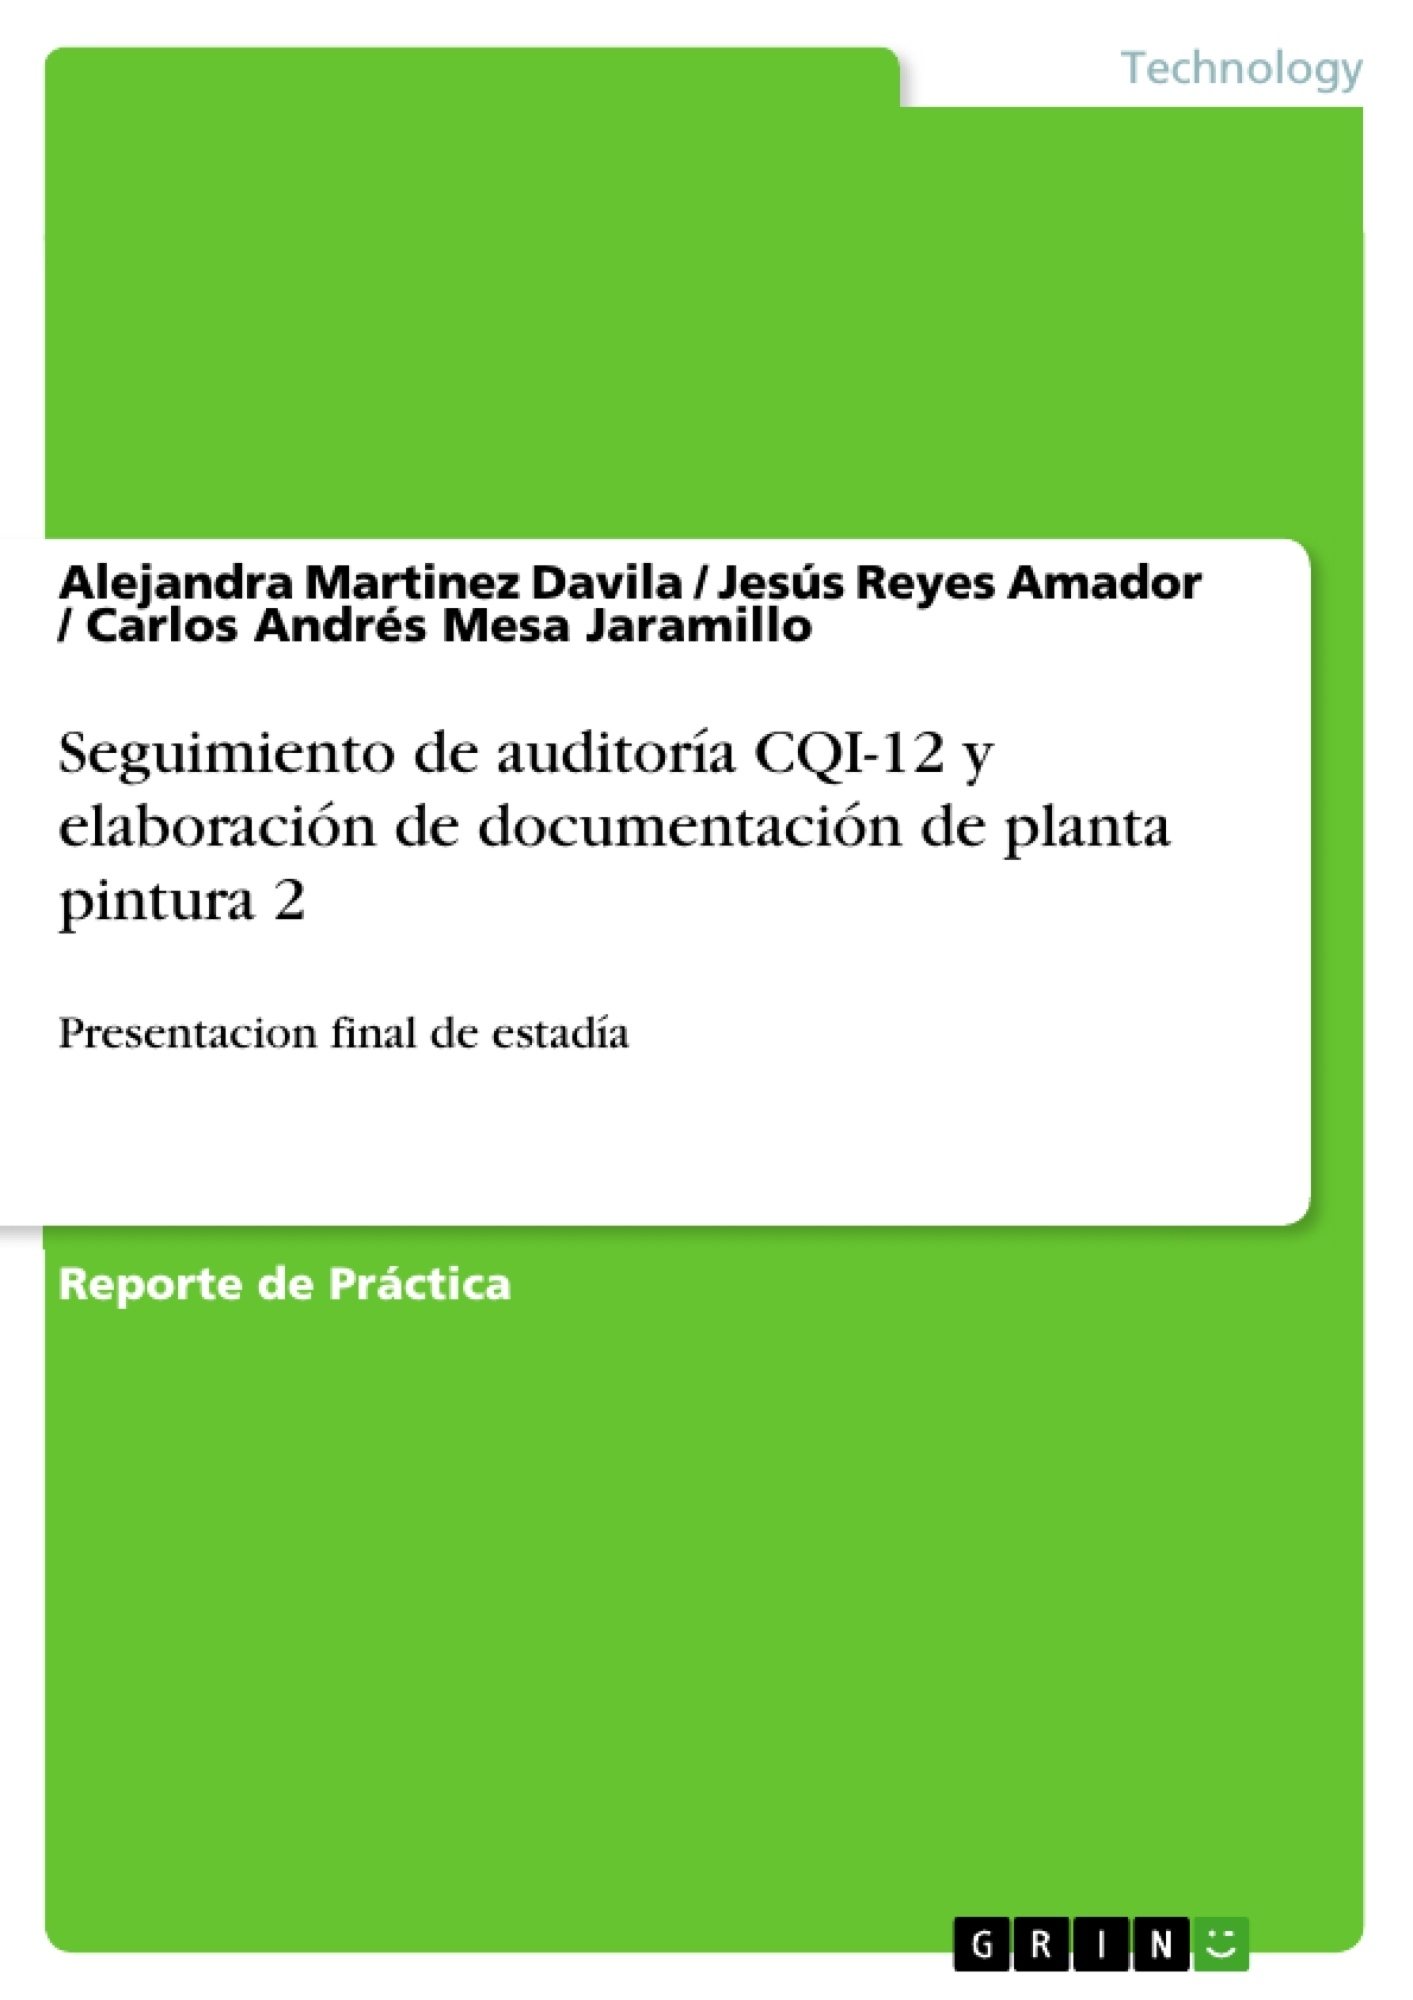 Título: Seguimiento de auditoría CQI-12 y elaboración de documentación de planta pintura 2